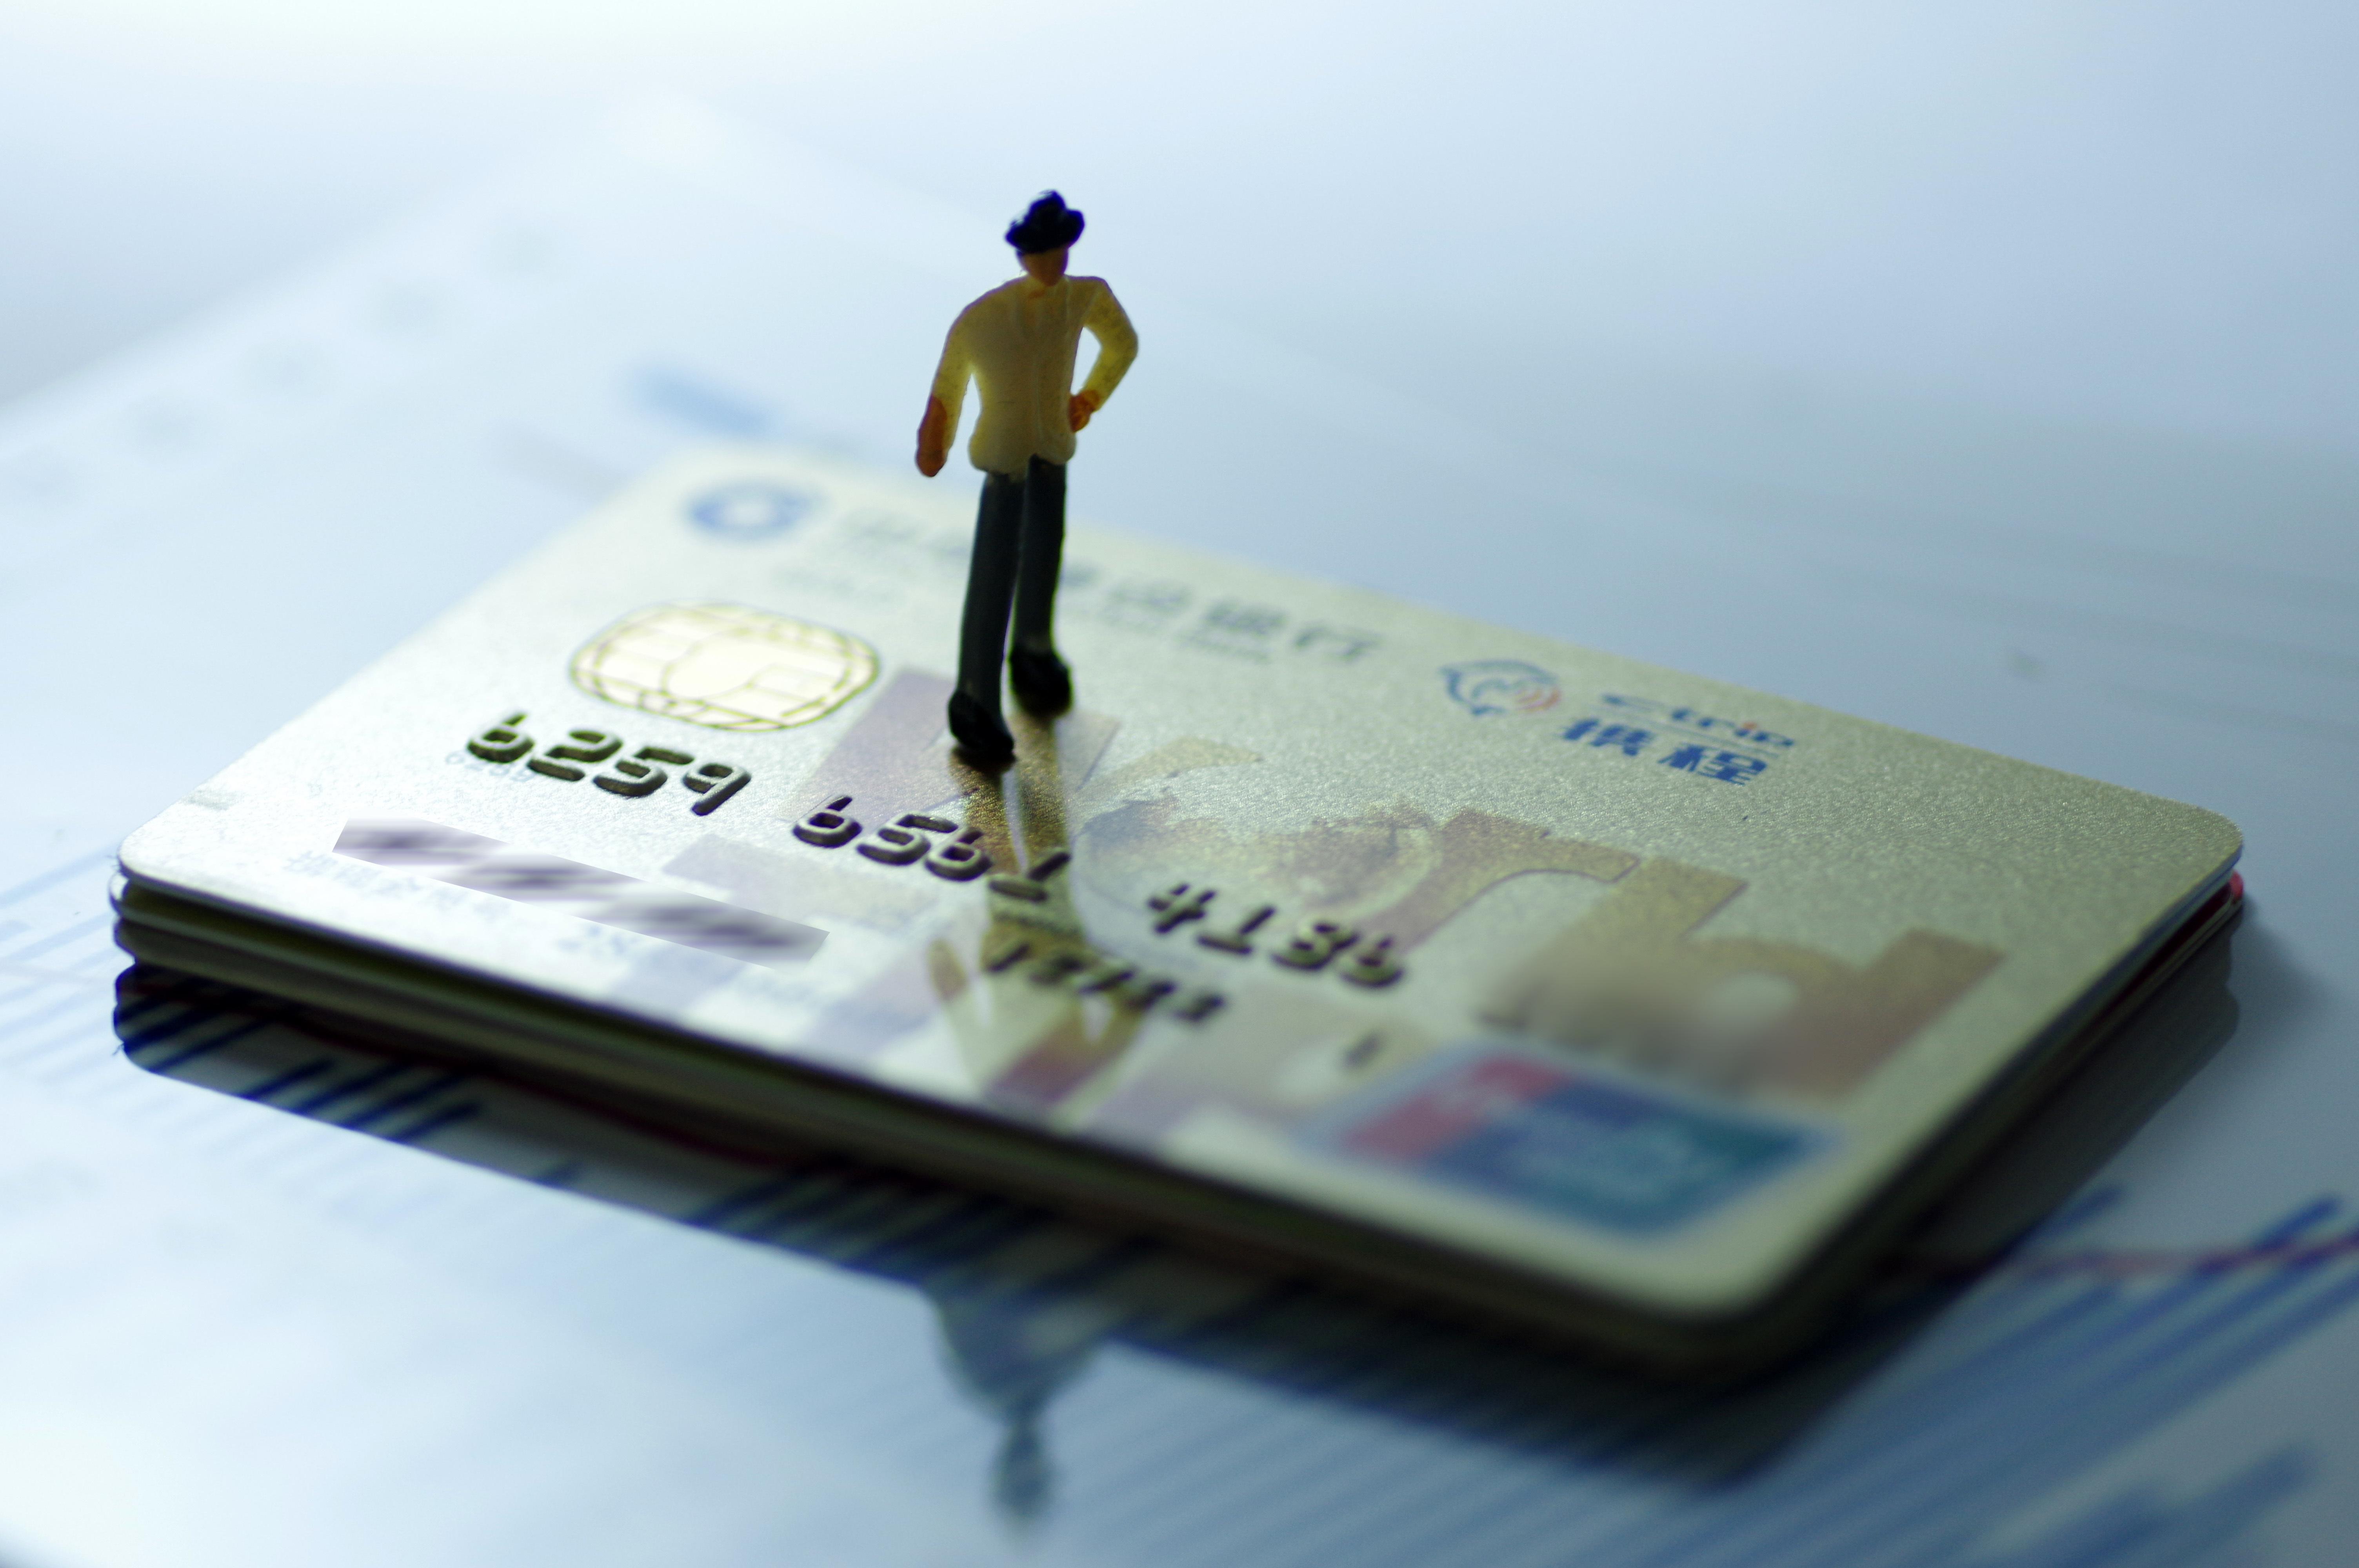 平安银行积分有效期及兑换规则